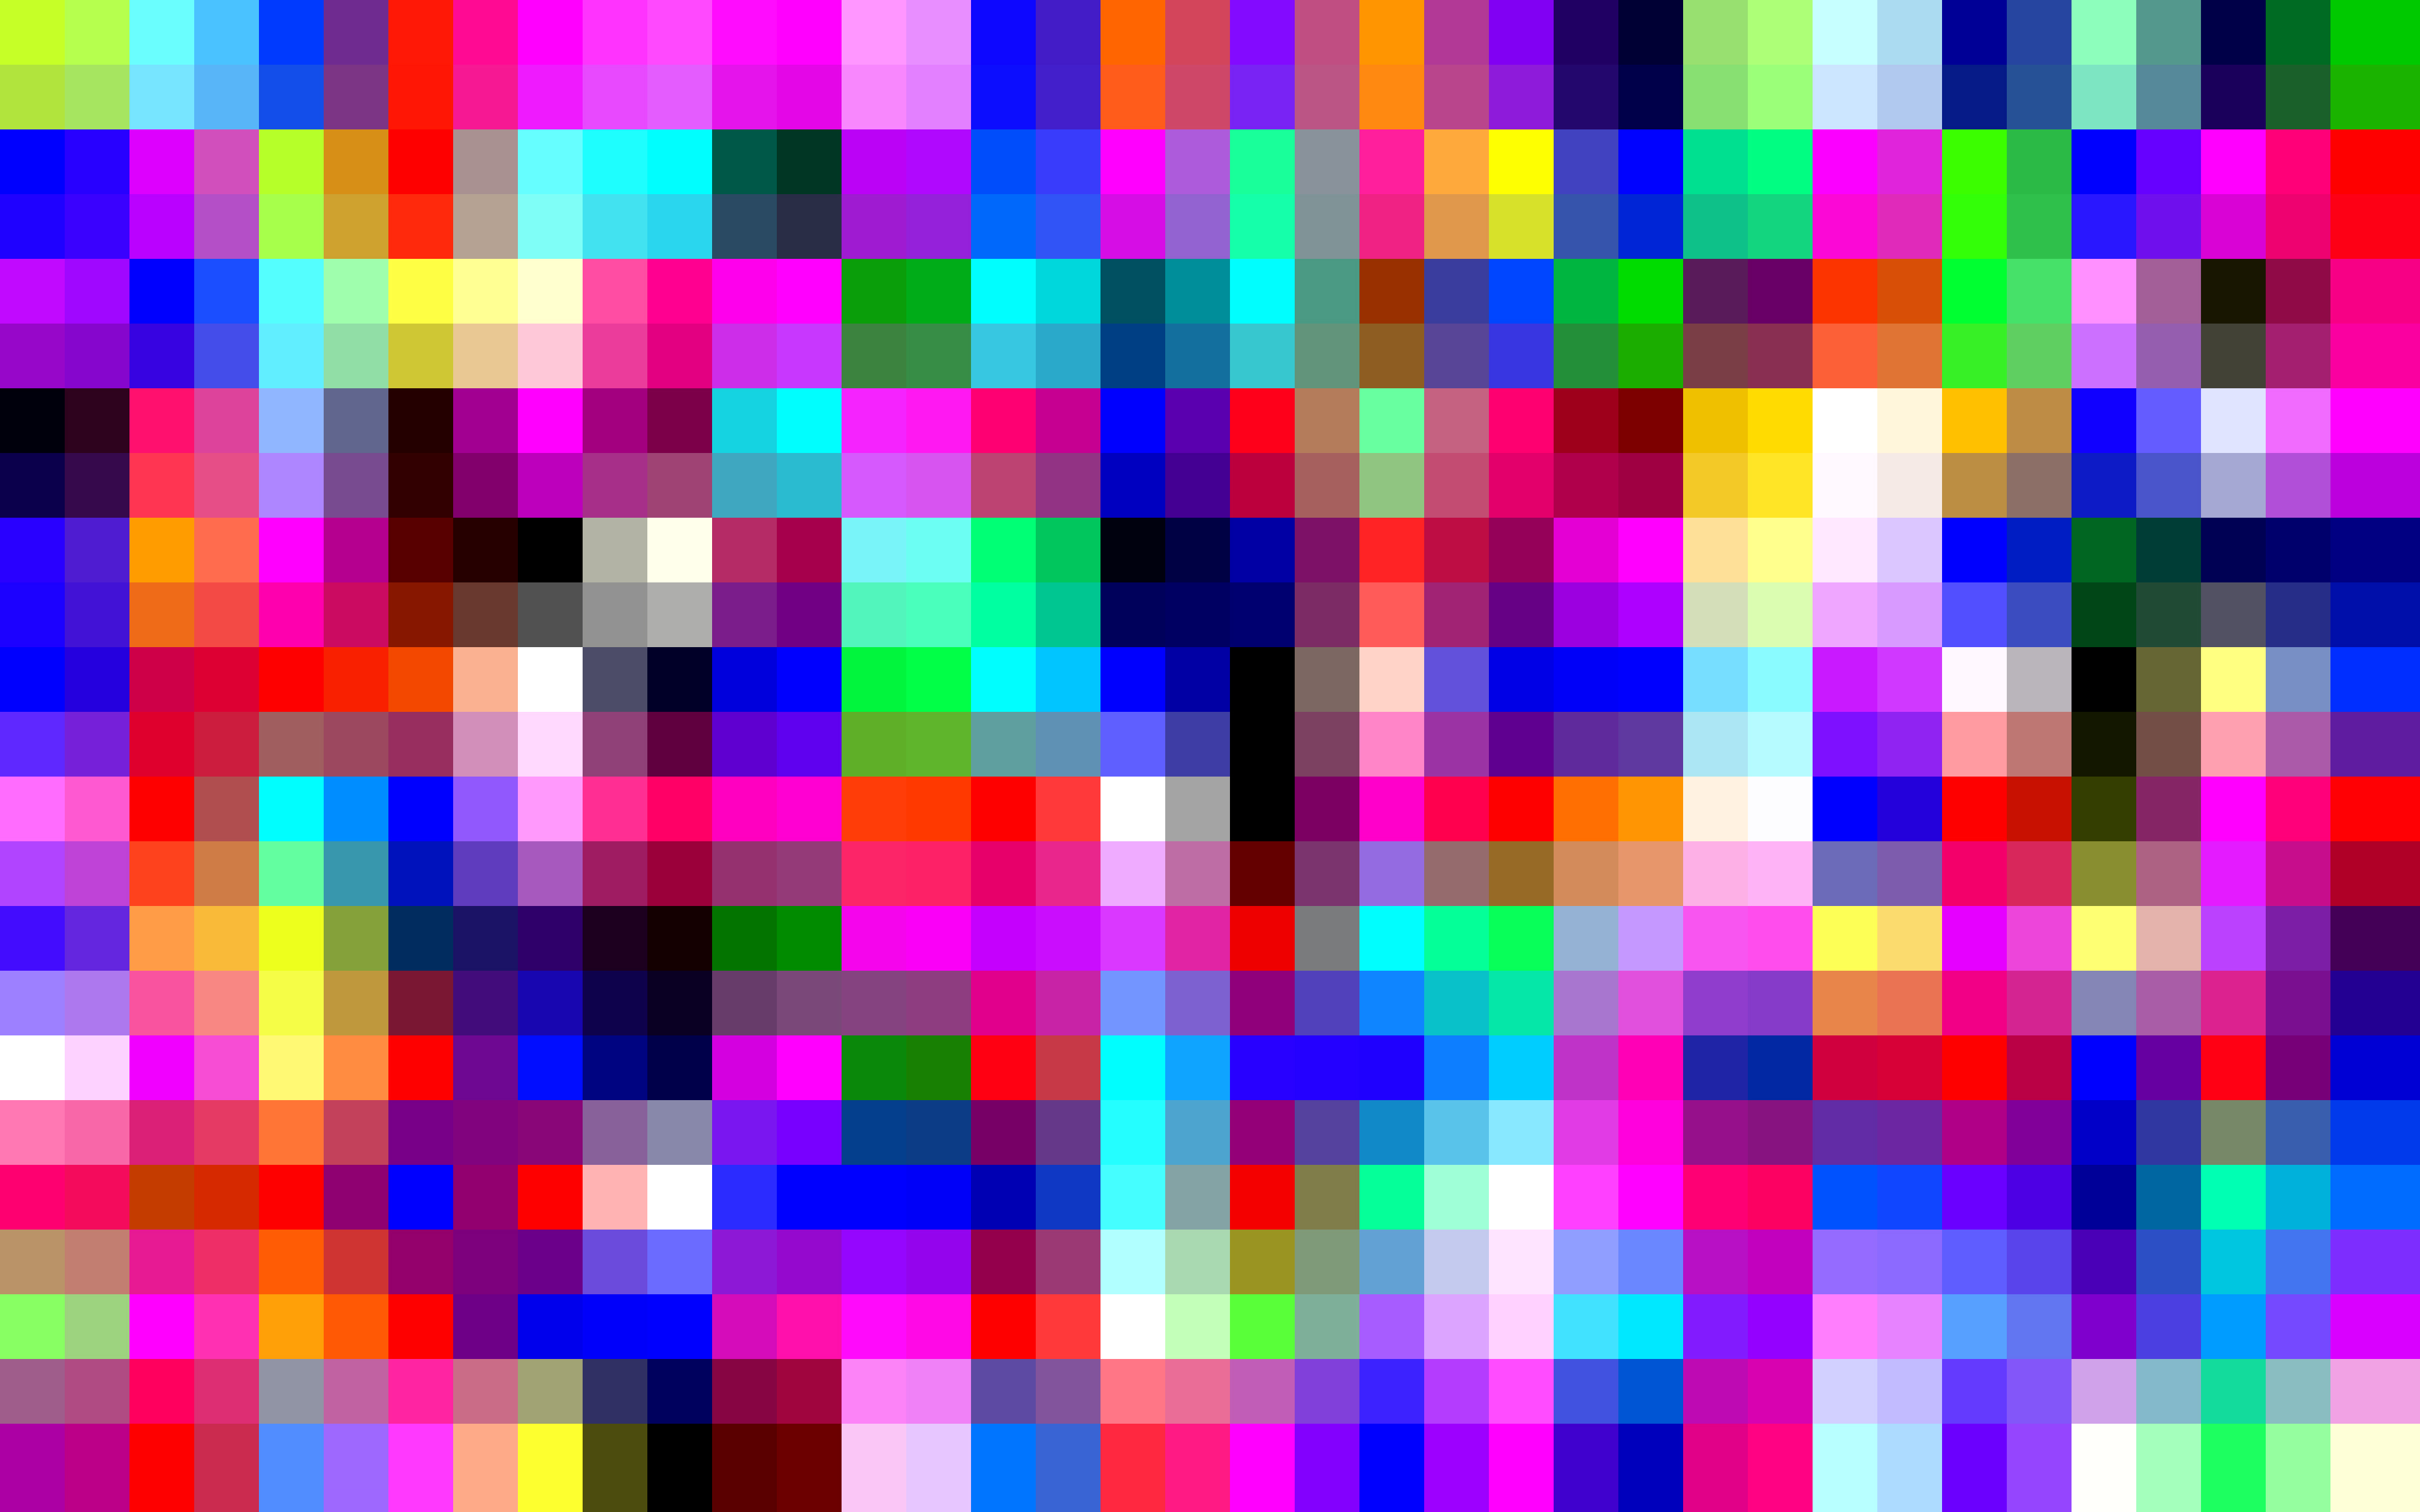 Как сделать 500 пикселей